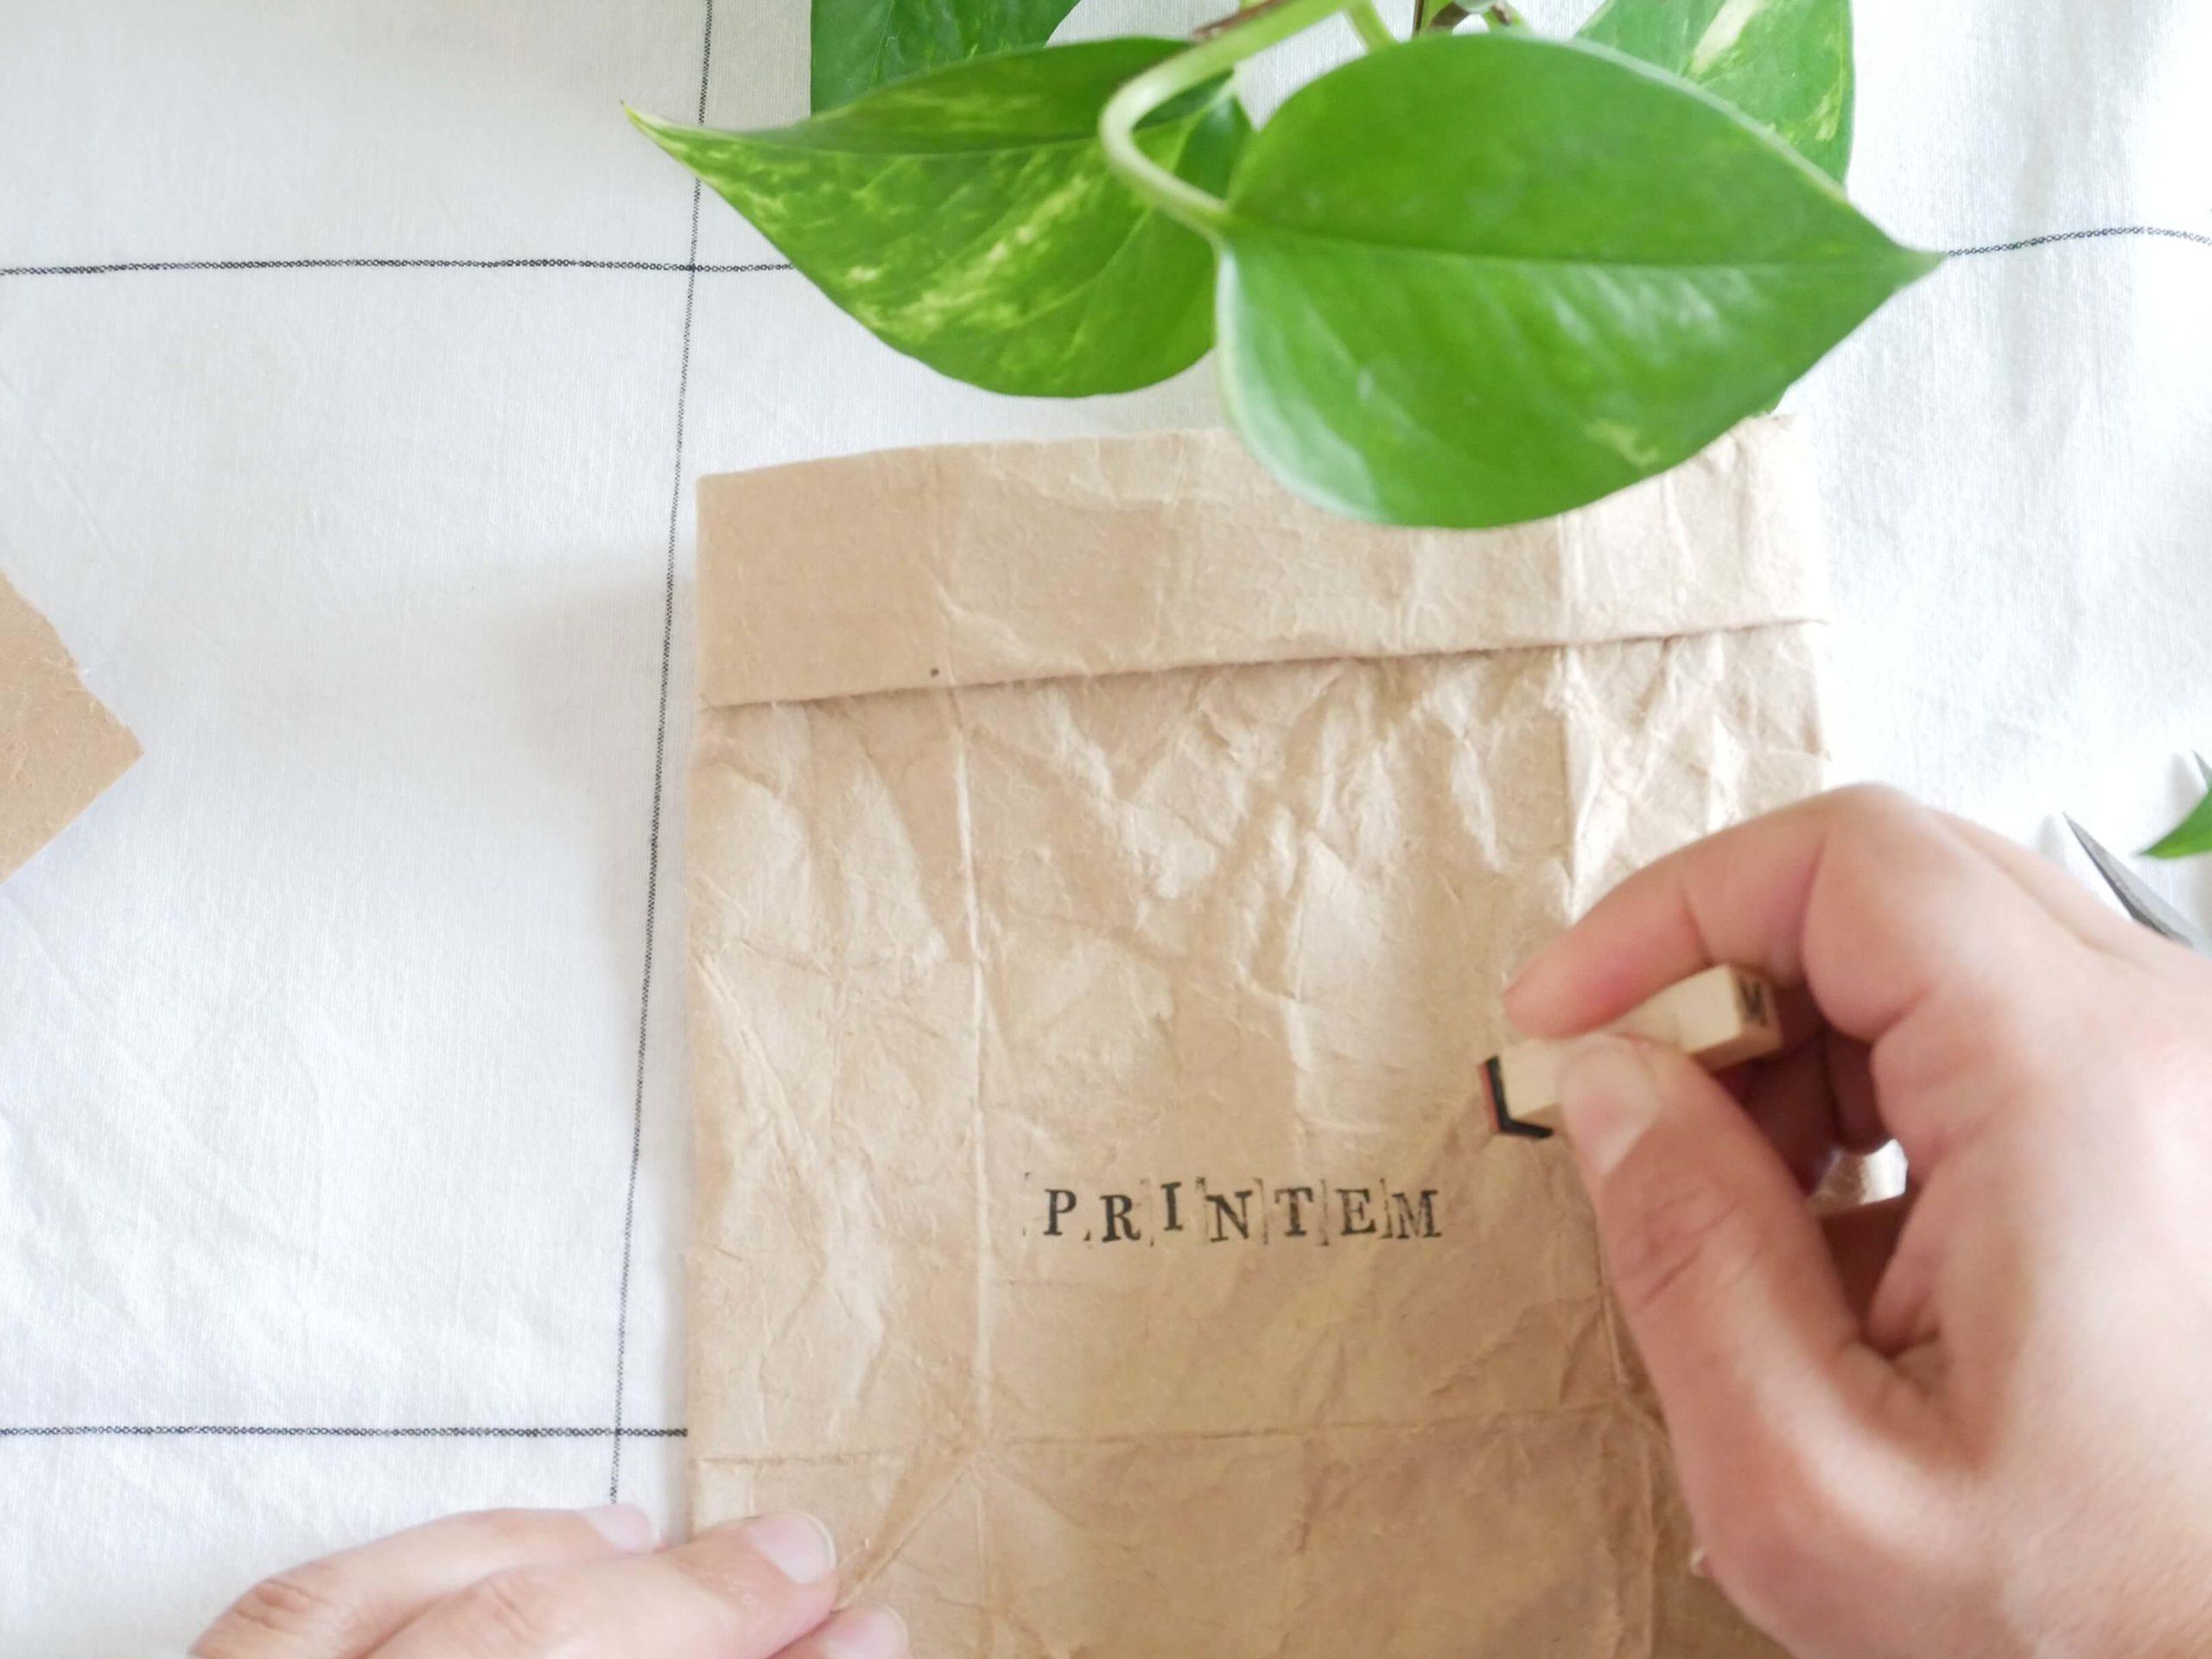 tutoriel-recyclage-vase-tampon4-lesateliersdangelique-auboulotcocotte